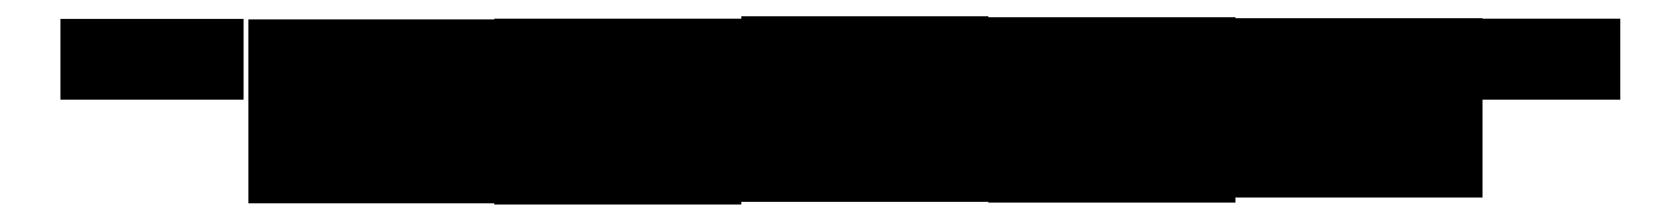 Studio Jørgensen -mister cricket lettertype